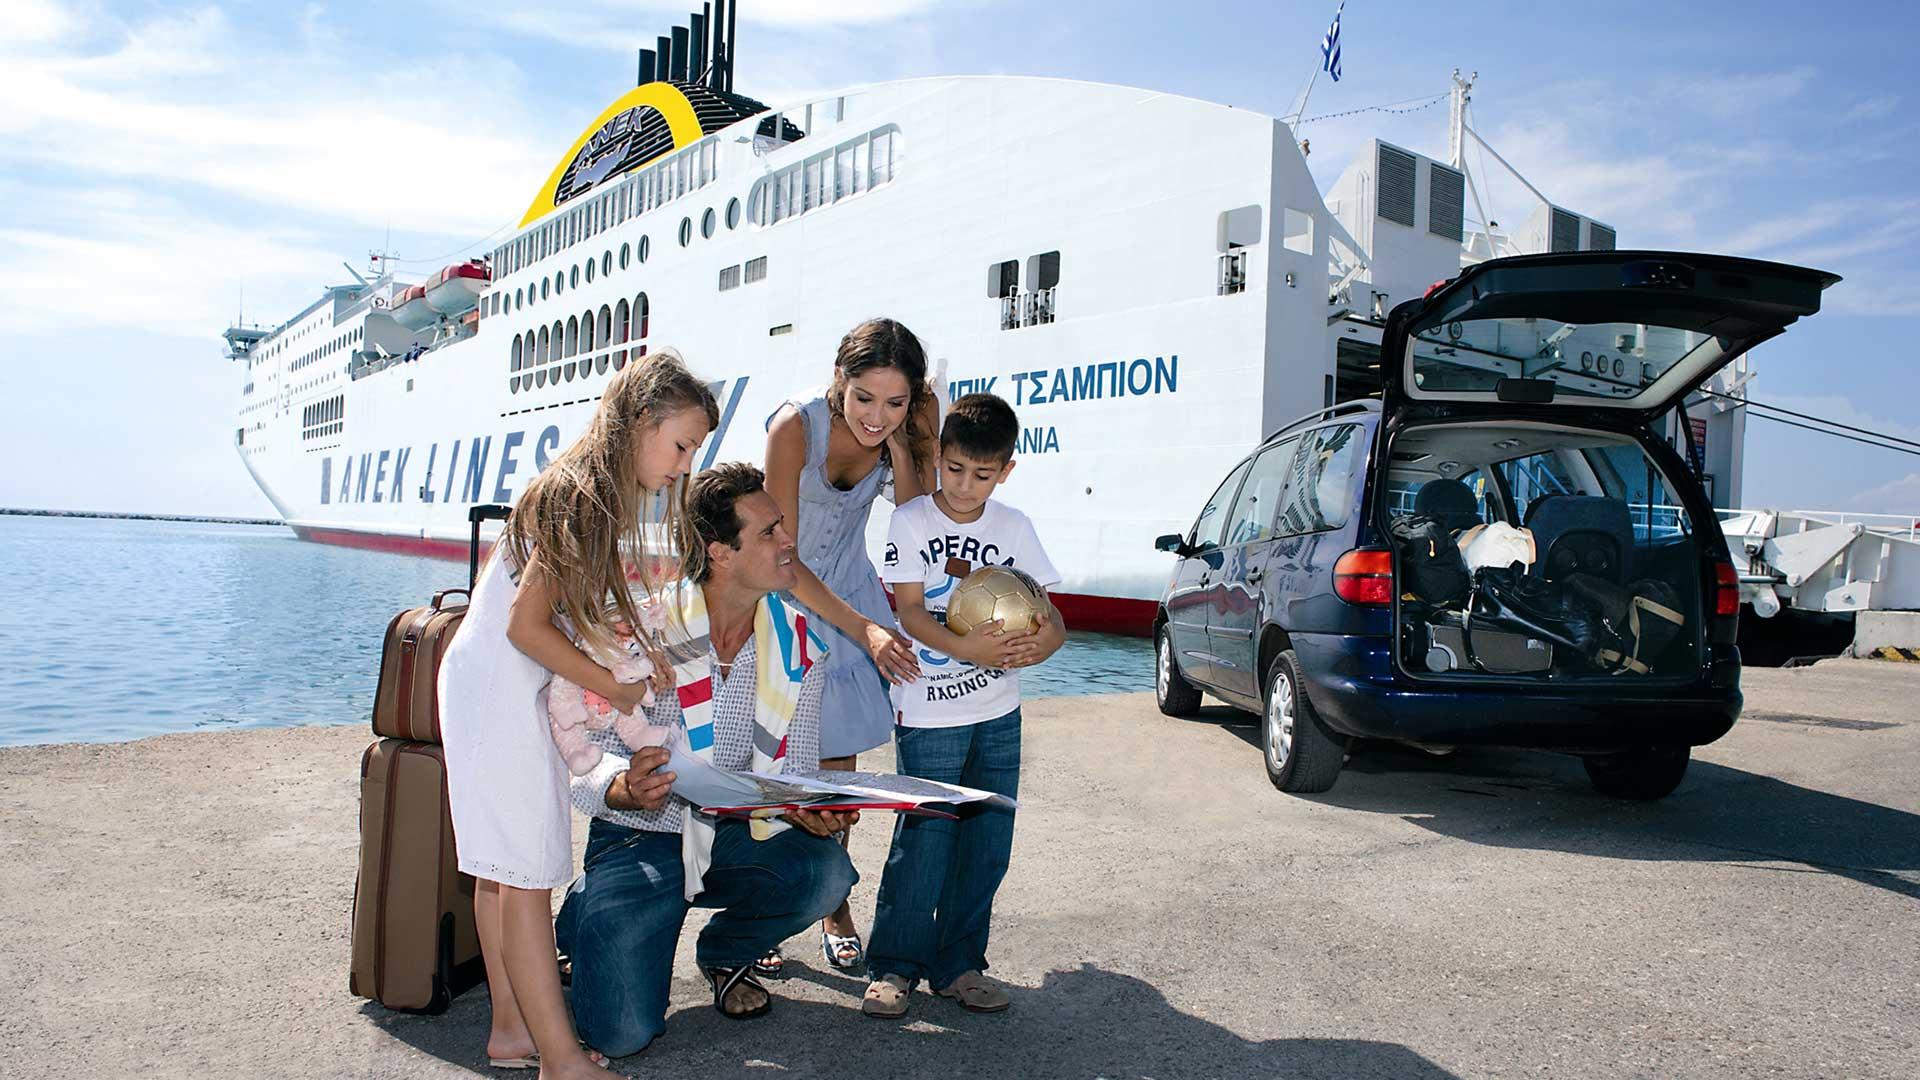 viaggiare-in-traghetto-vantaggi-anek-italia-5